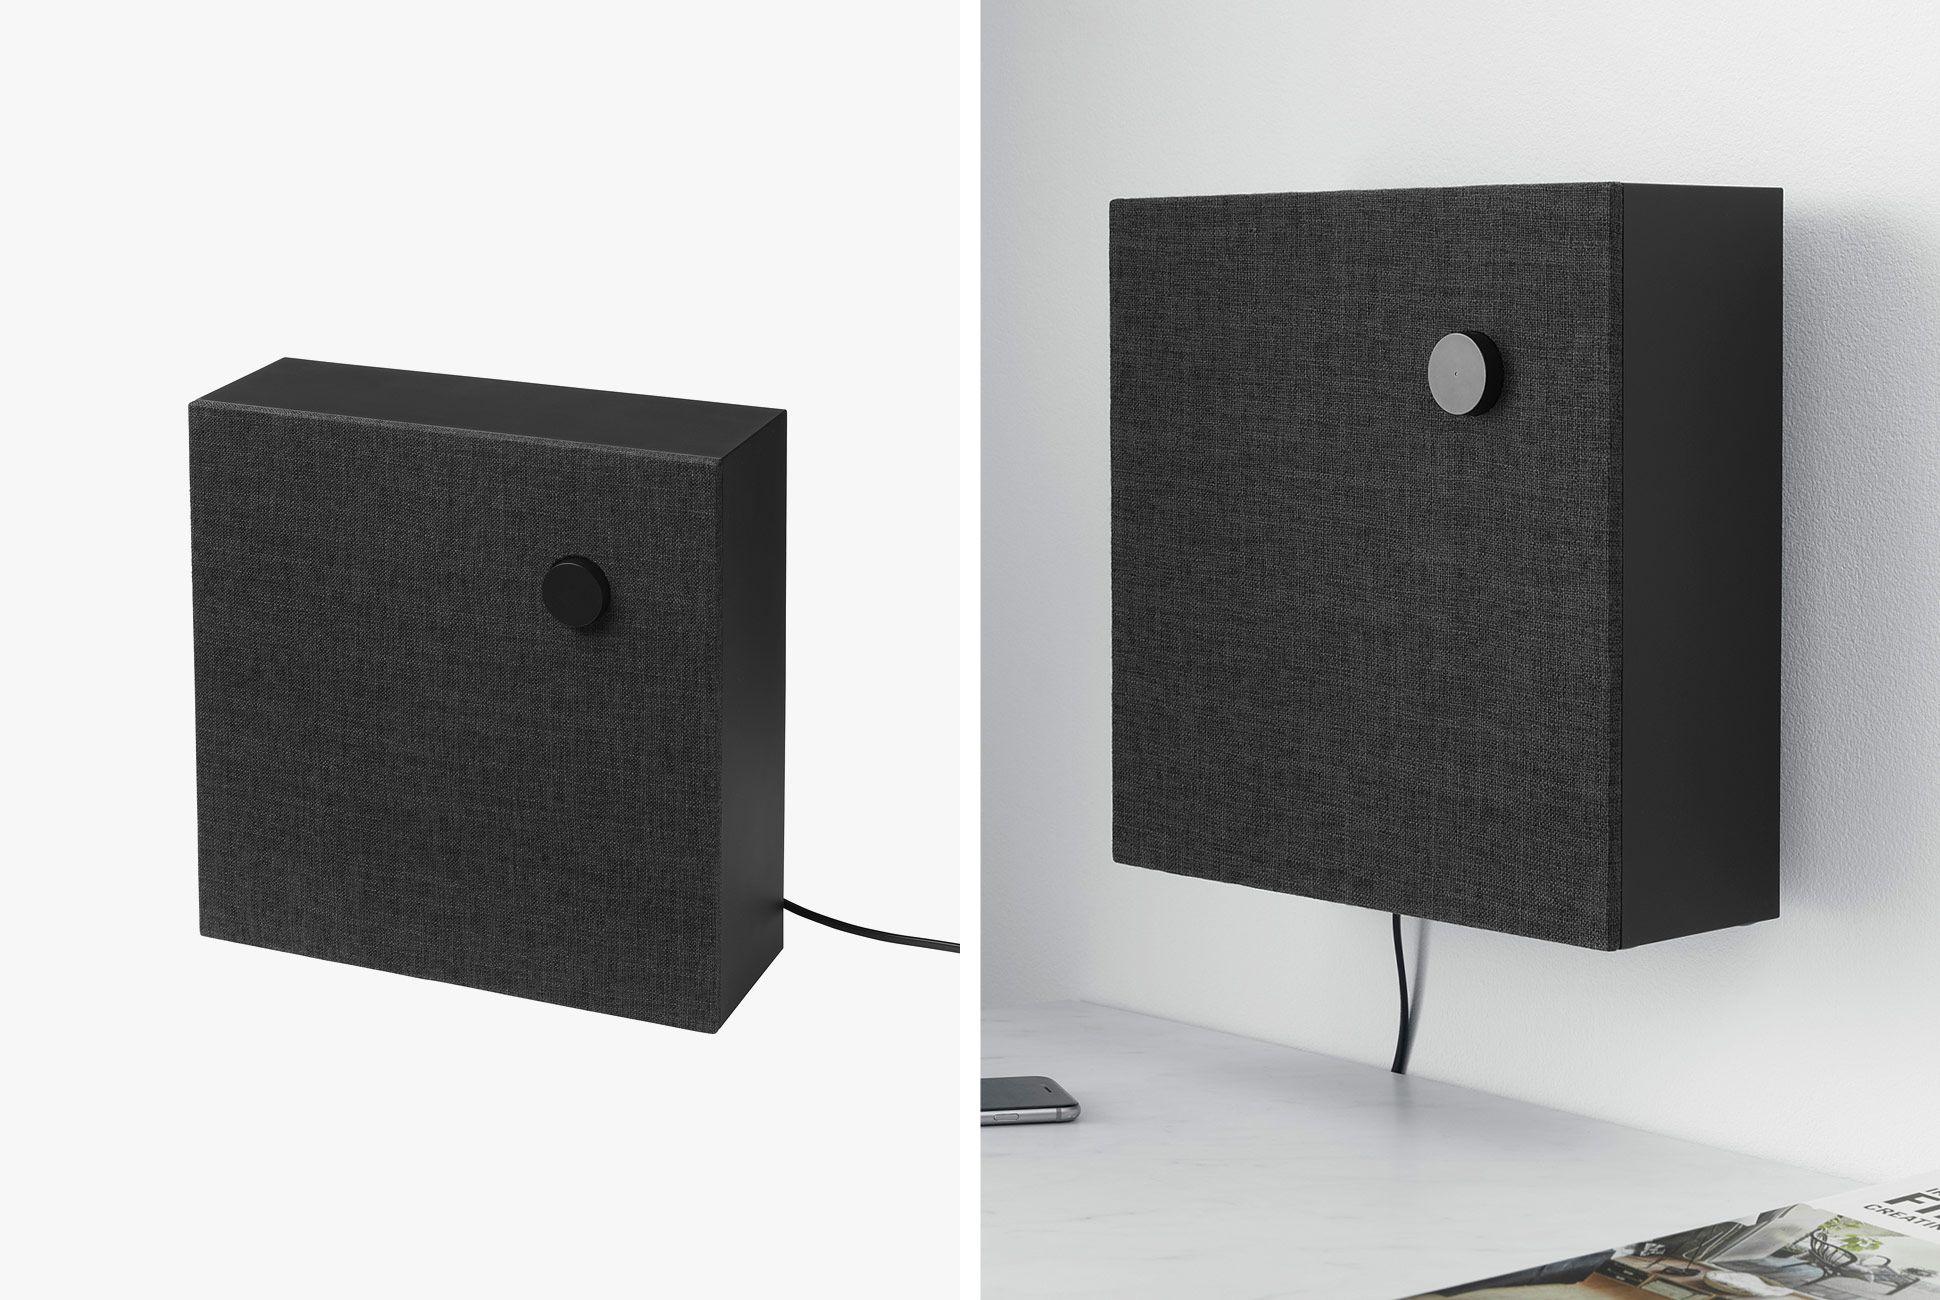 IKEA-Eneby-Speaker-gear-patrol-slide-3